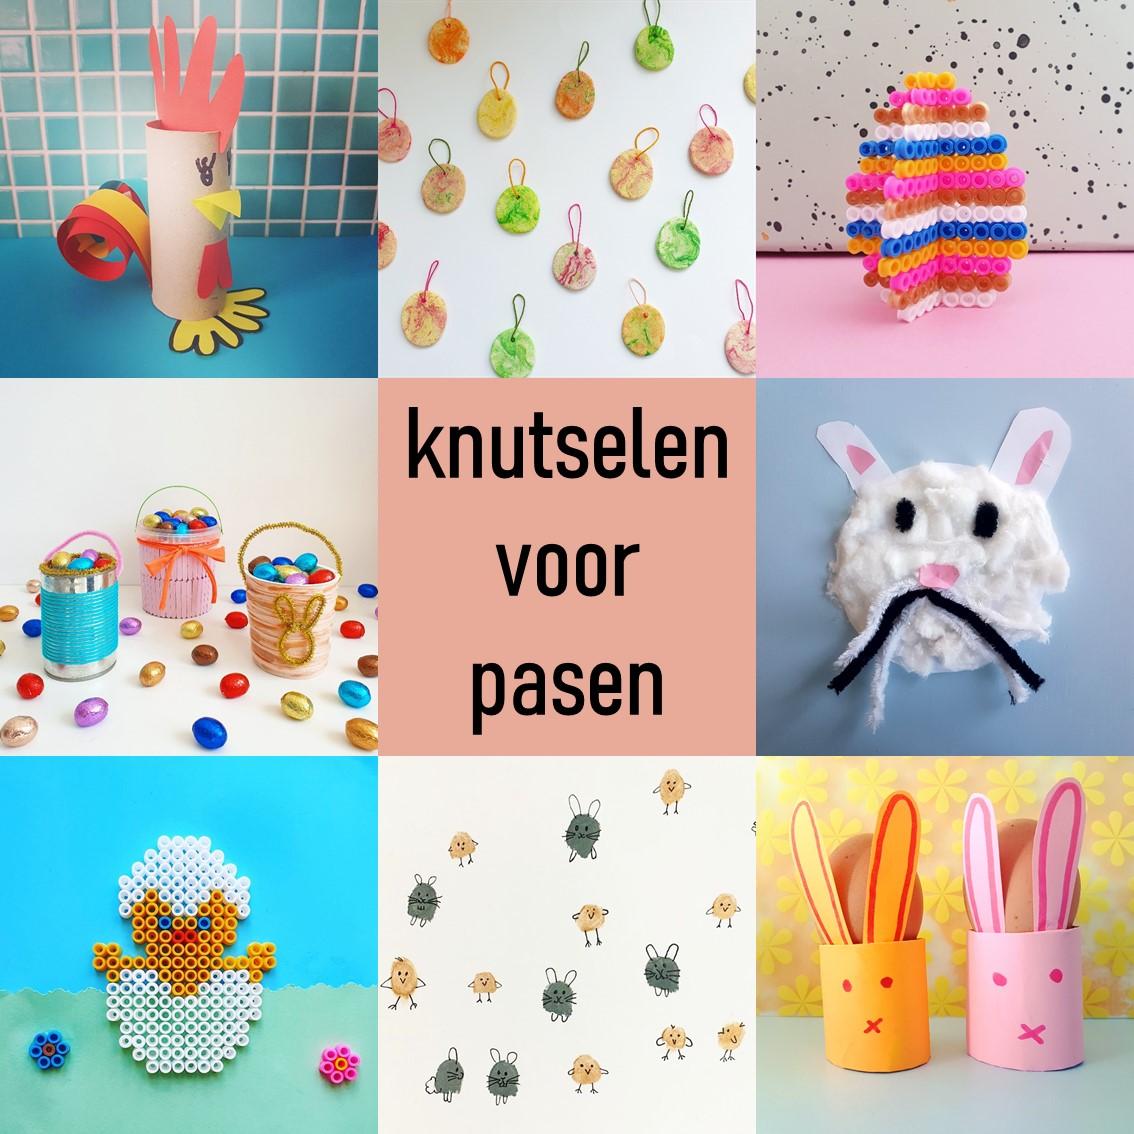 Knutselen voor Pasen: de leukste ideeën - easter crafting ideas